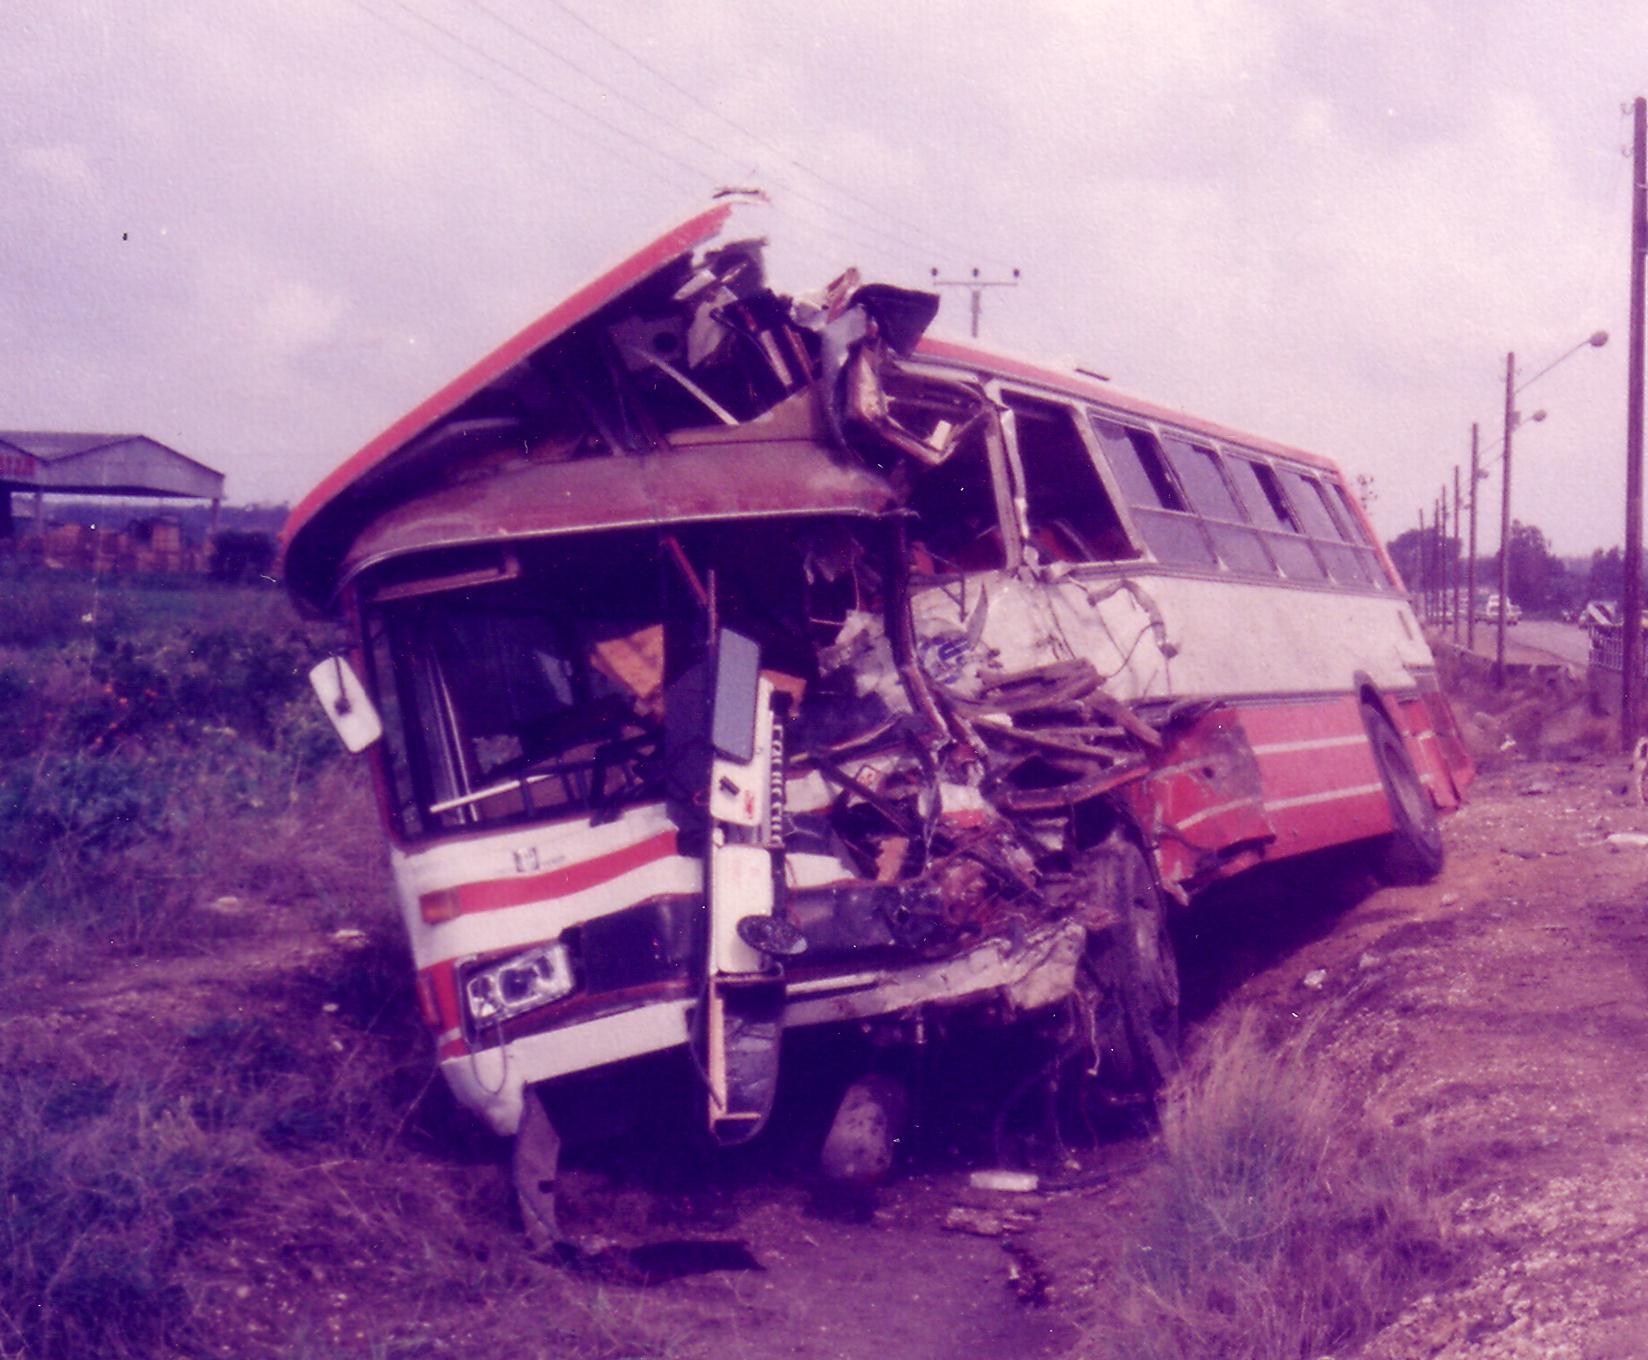 תאונות אוטובוסים - תאונה חזיתית